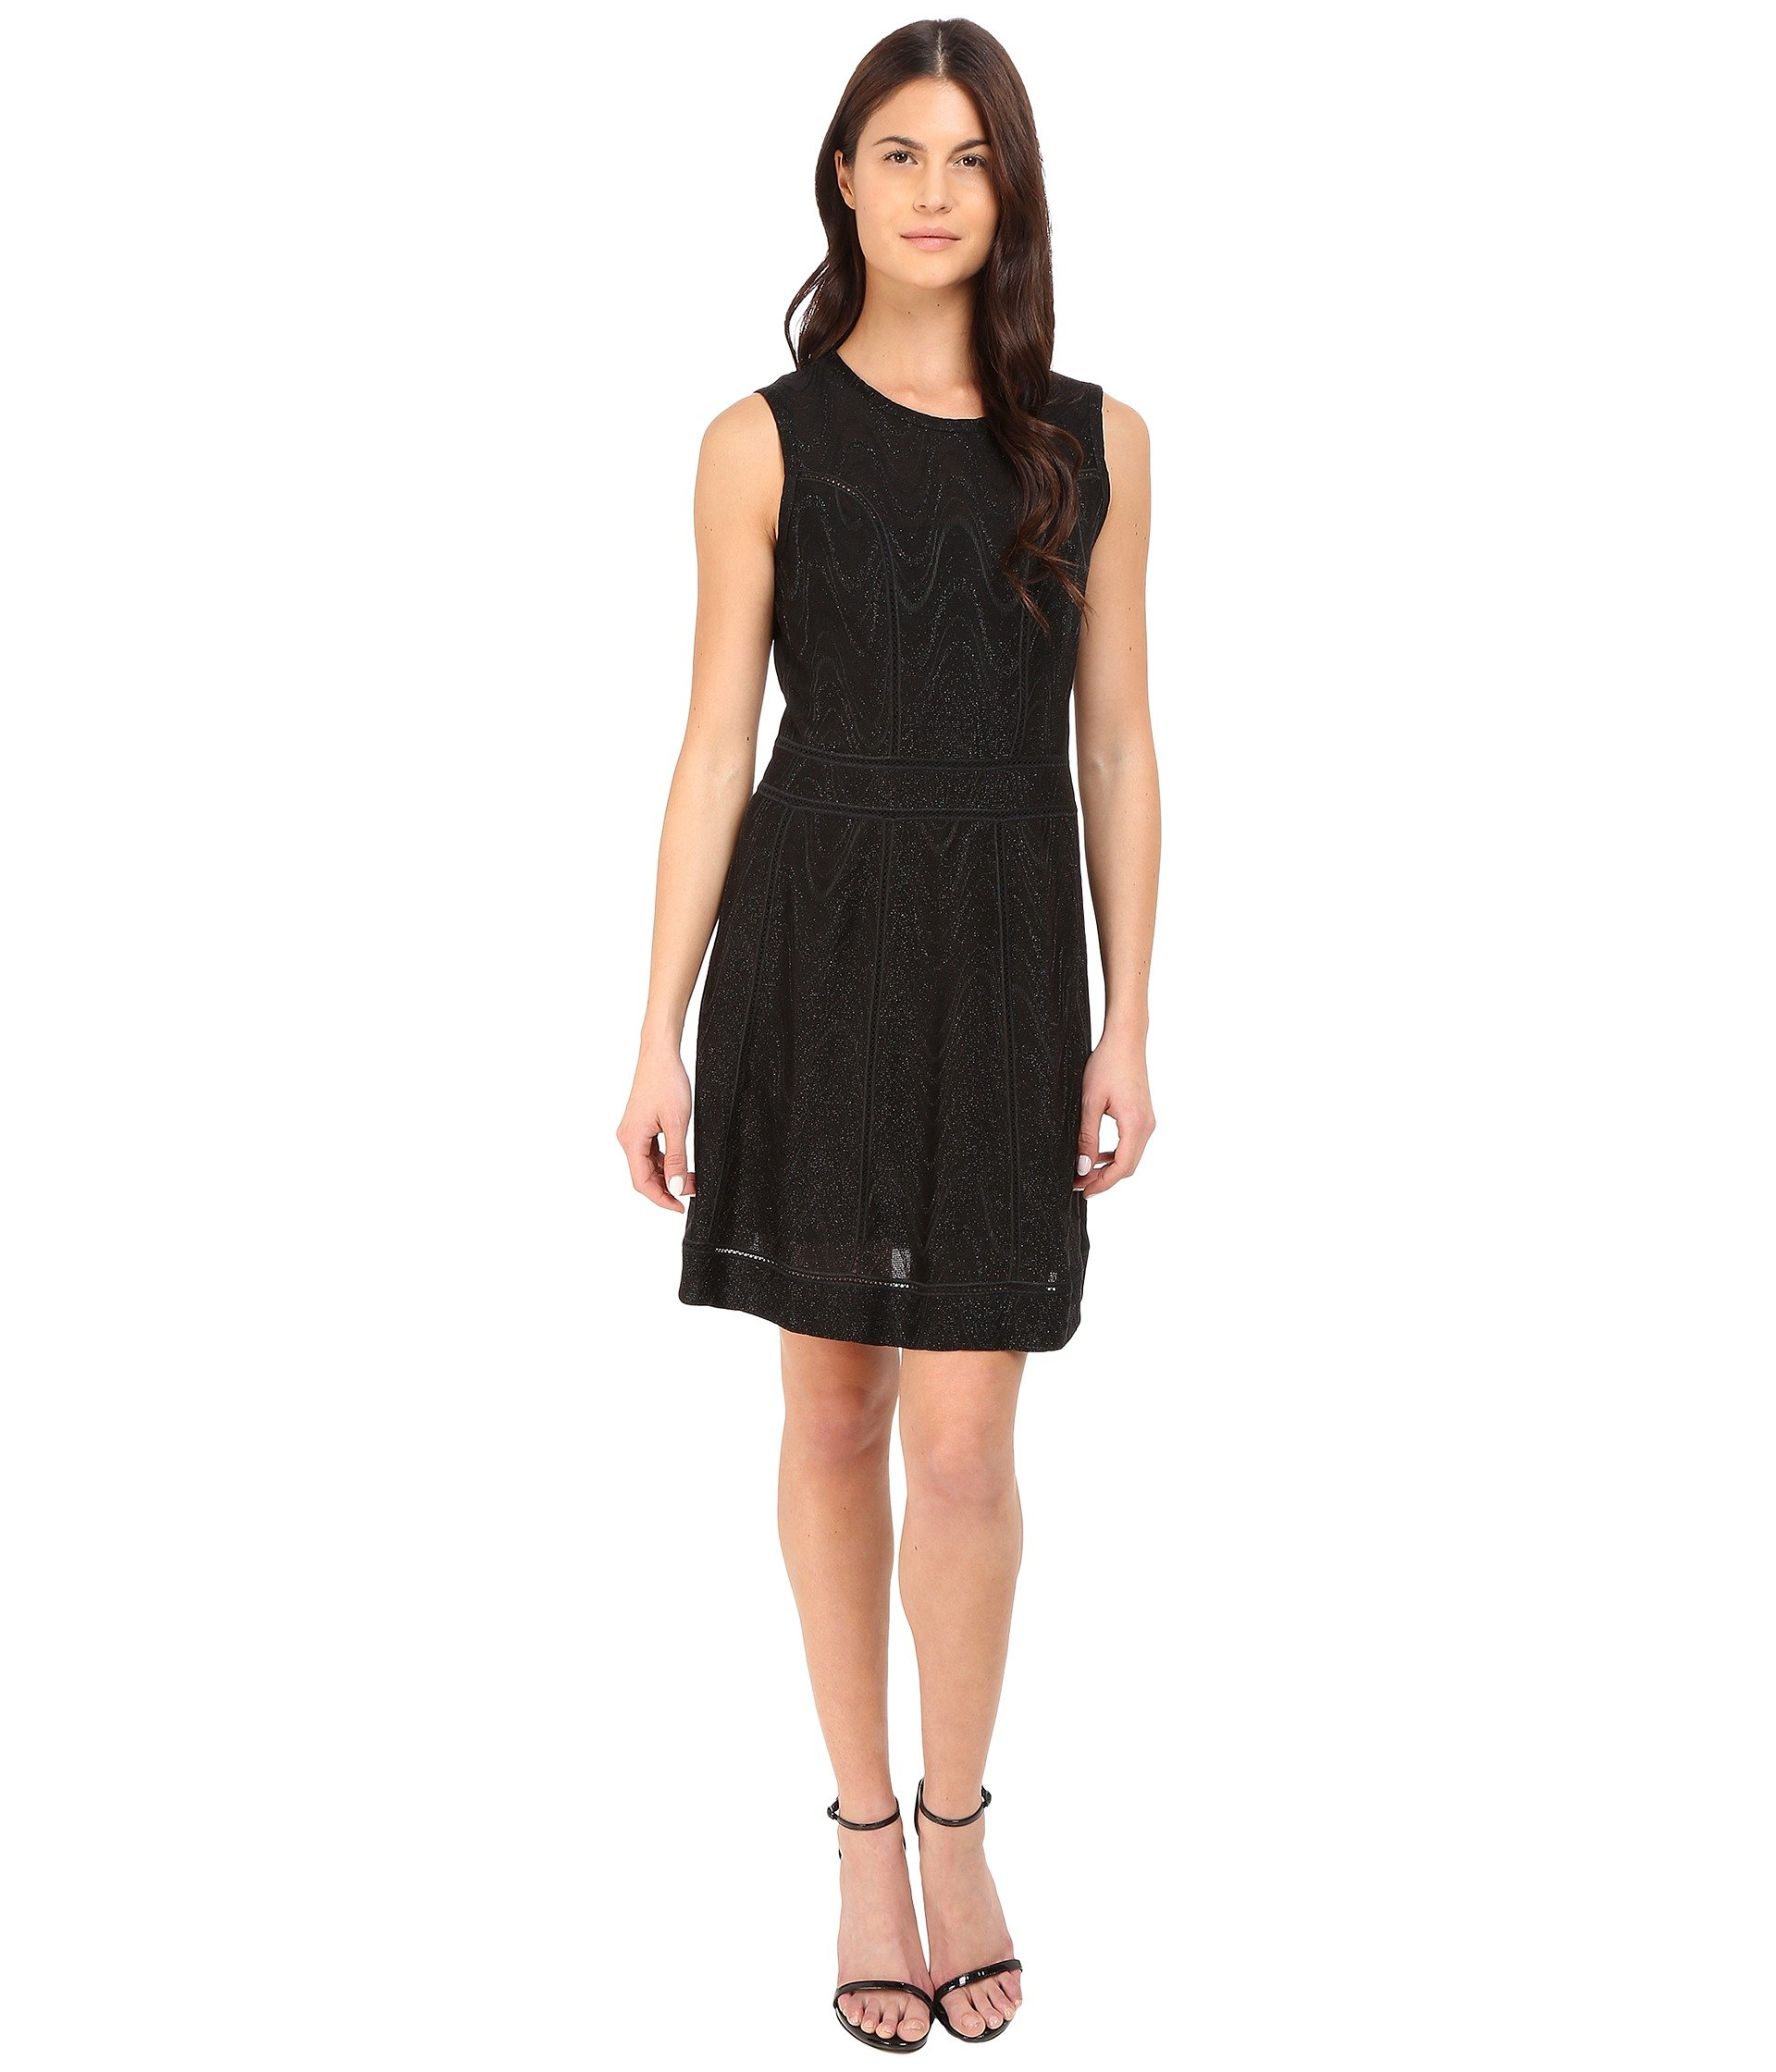 Lurex Jersey Dress